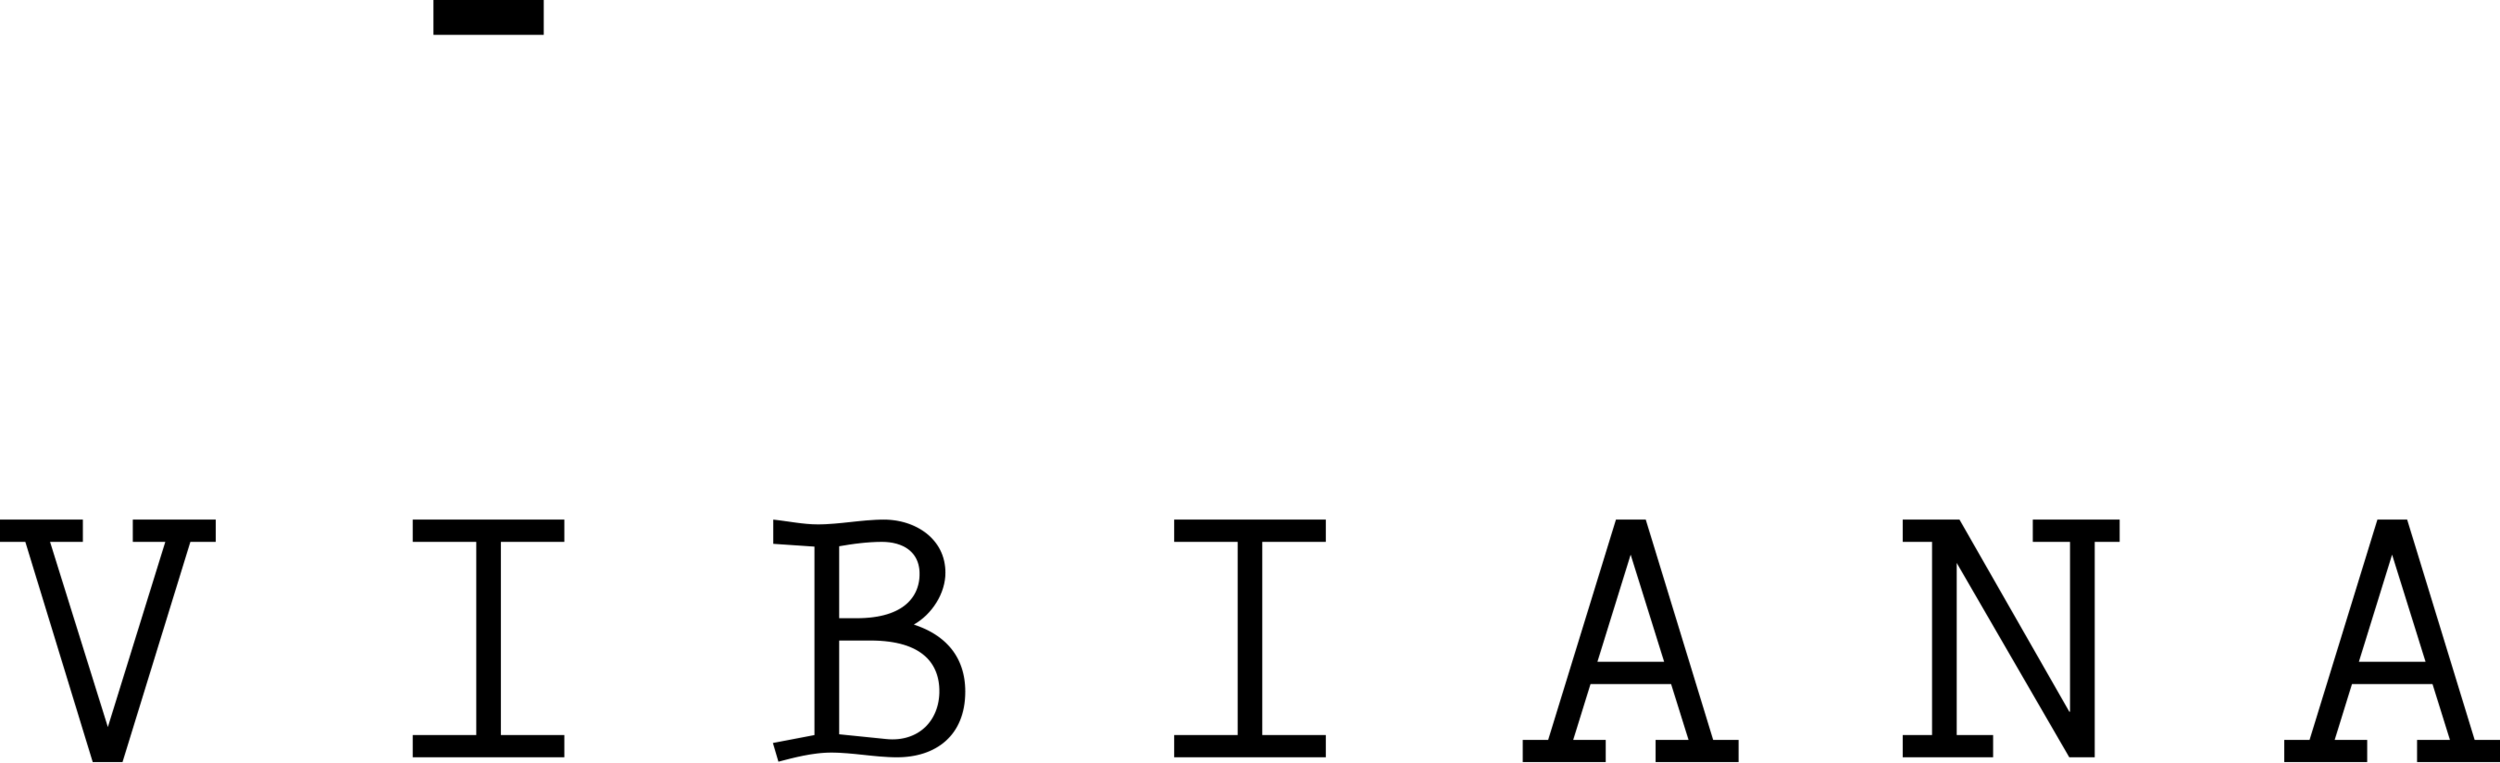 Vibiana Logo.png